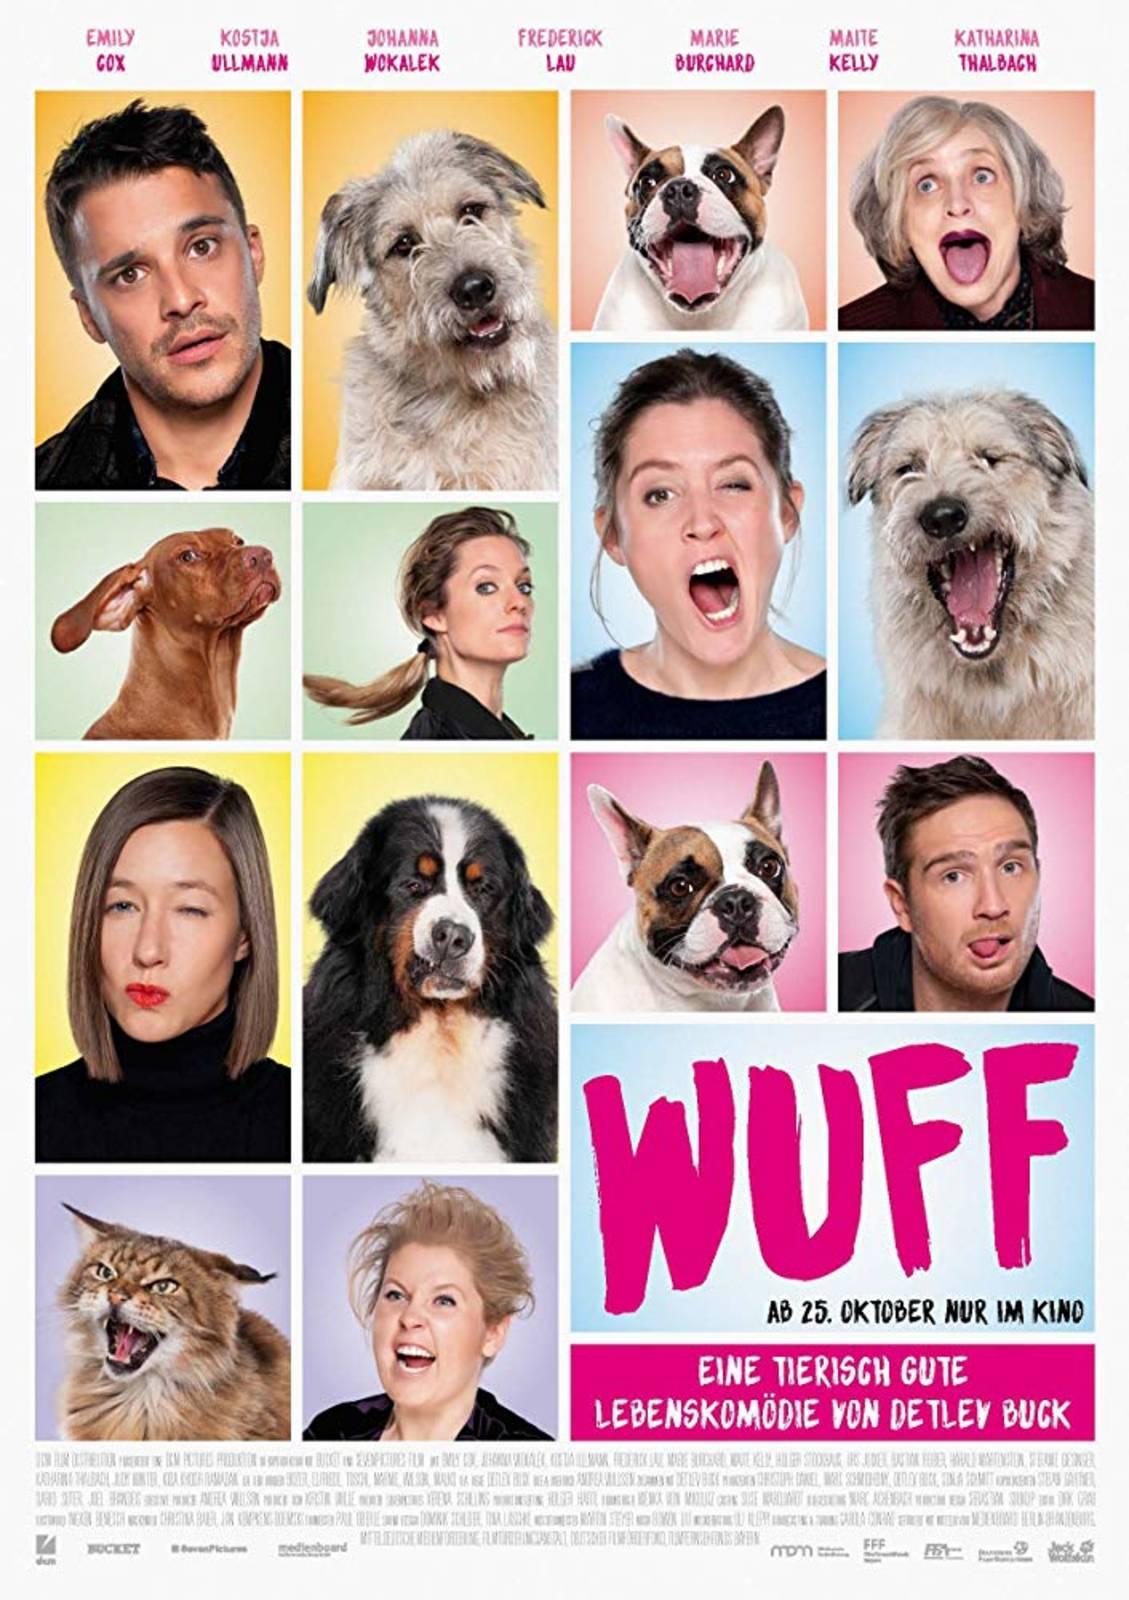 Kino Wuff